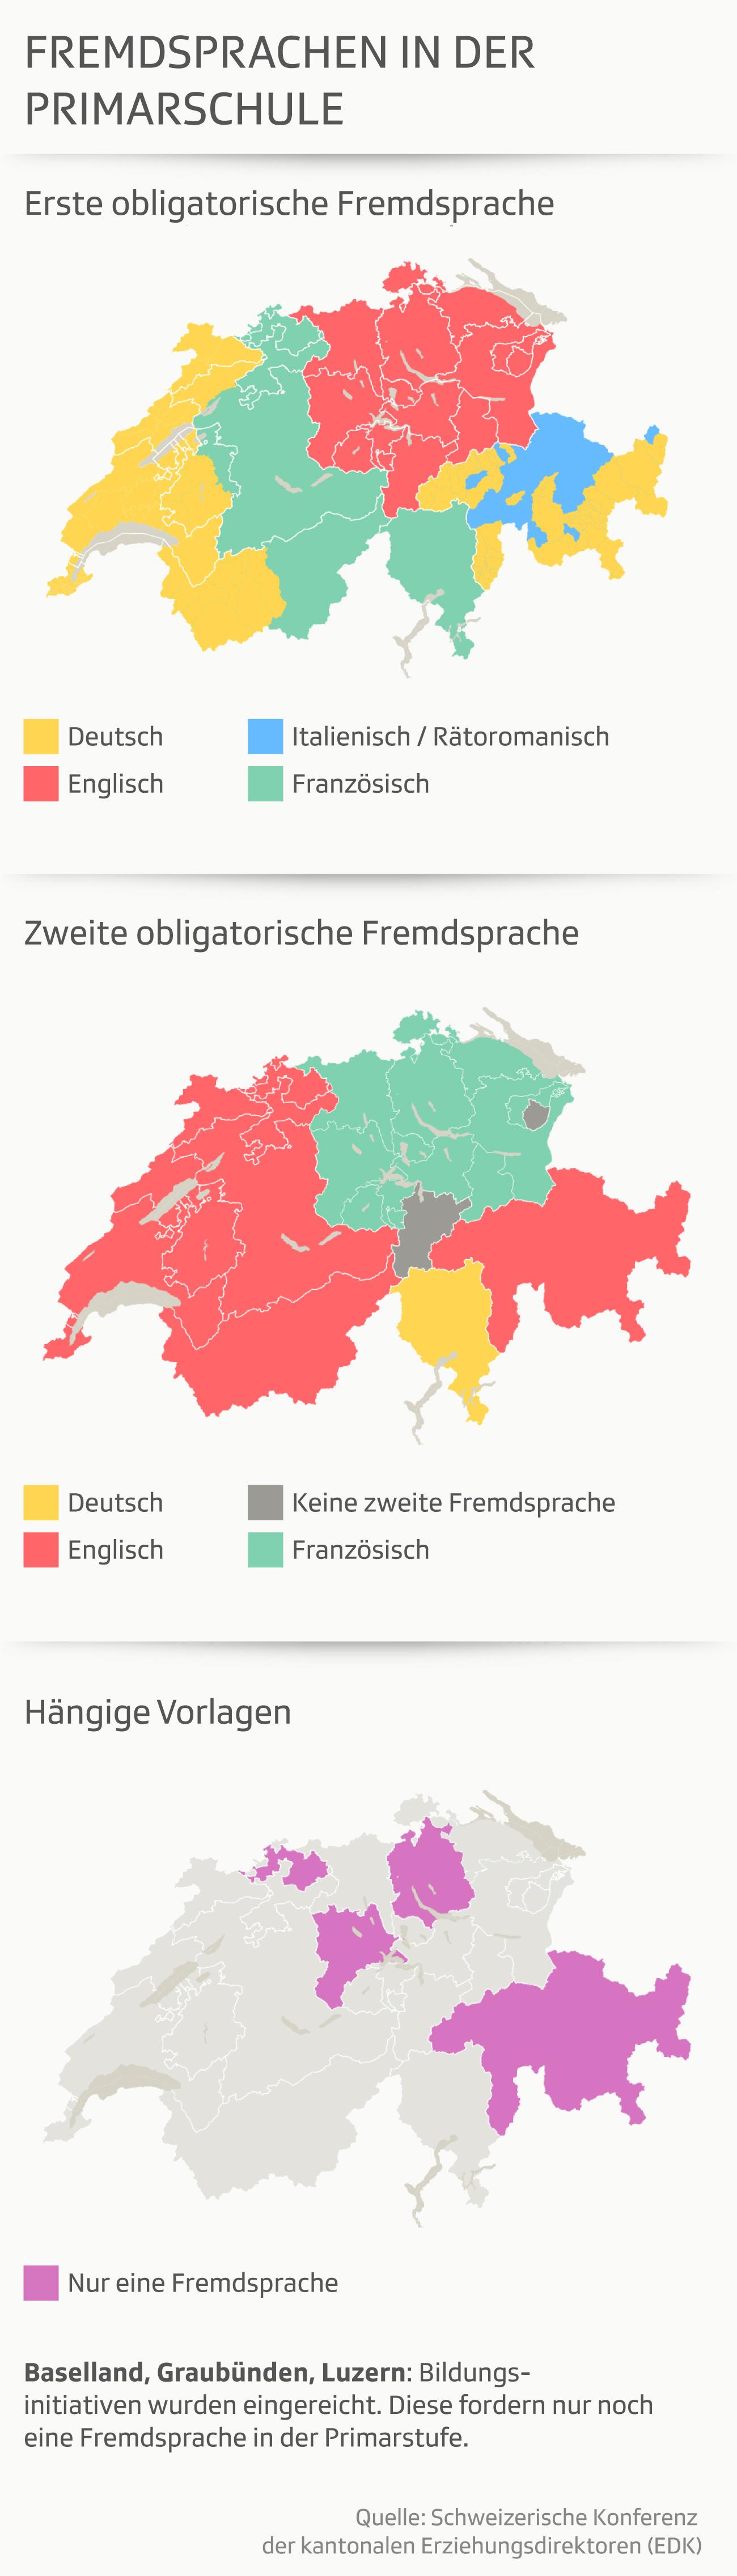 Wo in der Schweiz wird welche Fremdsprache gelernt